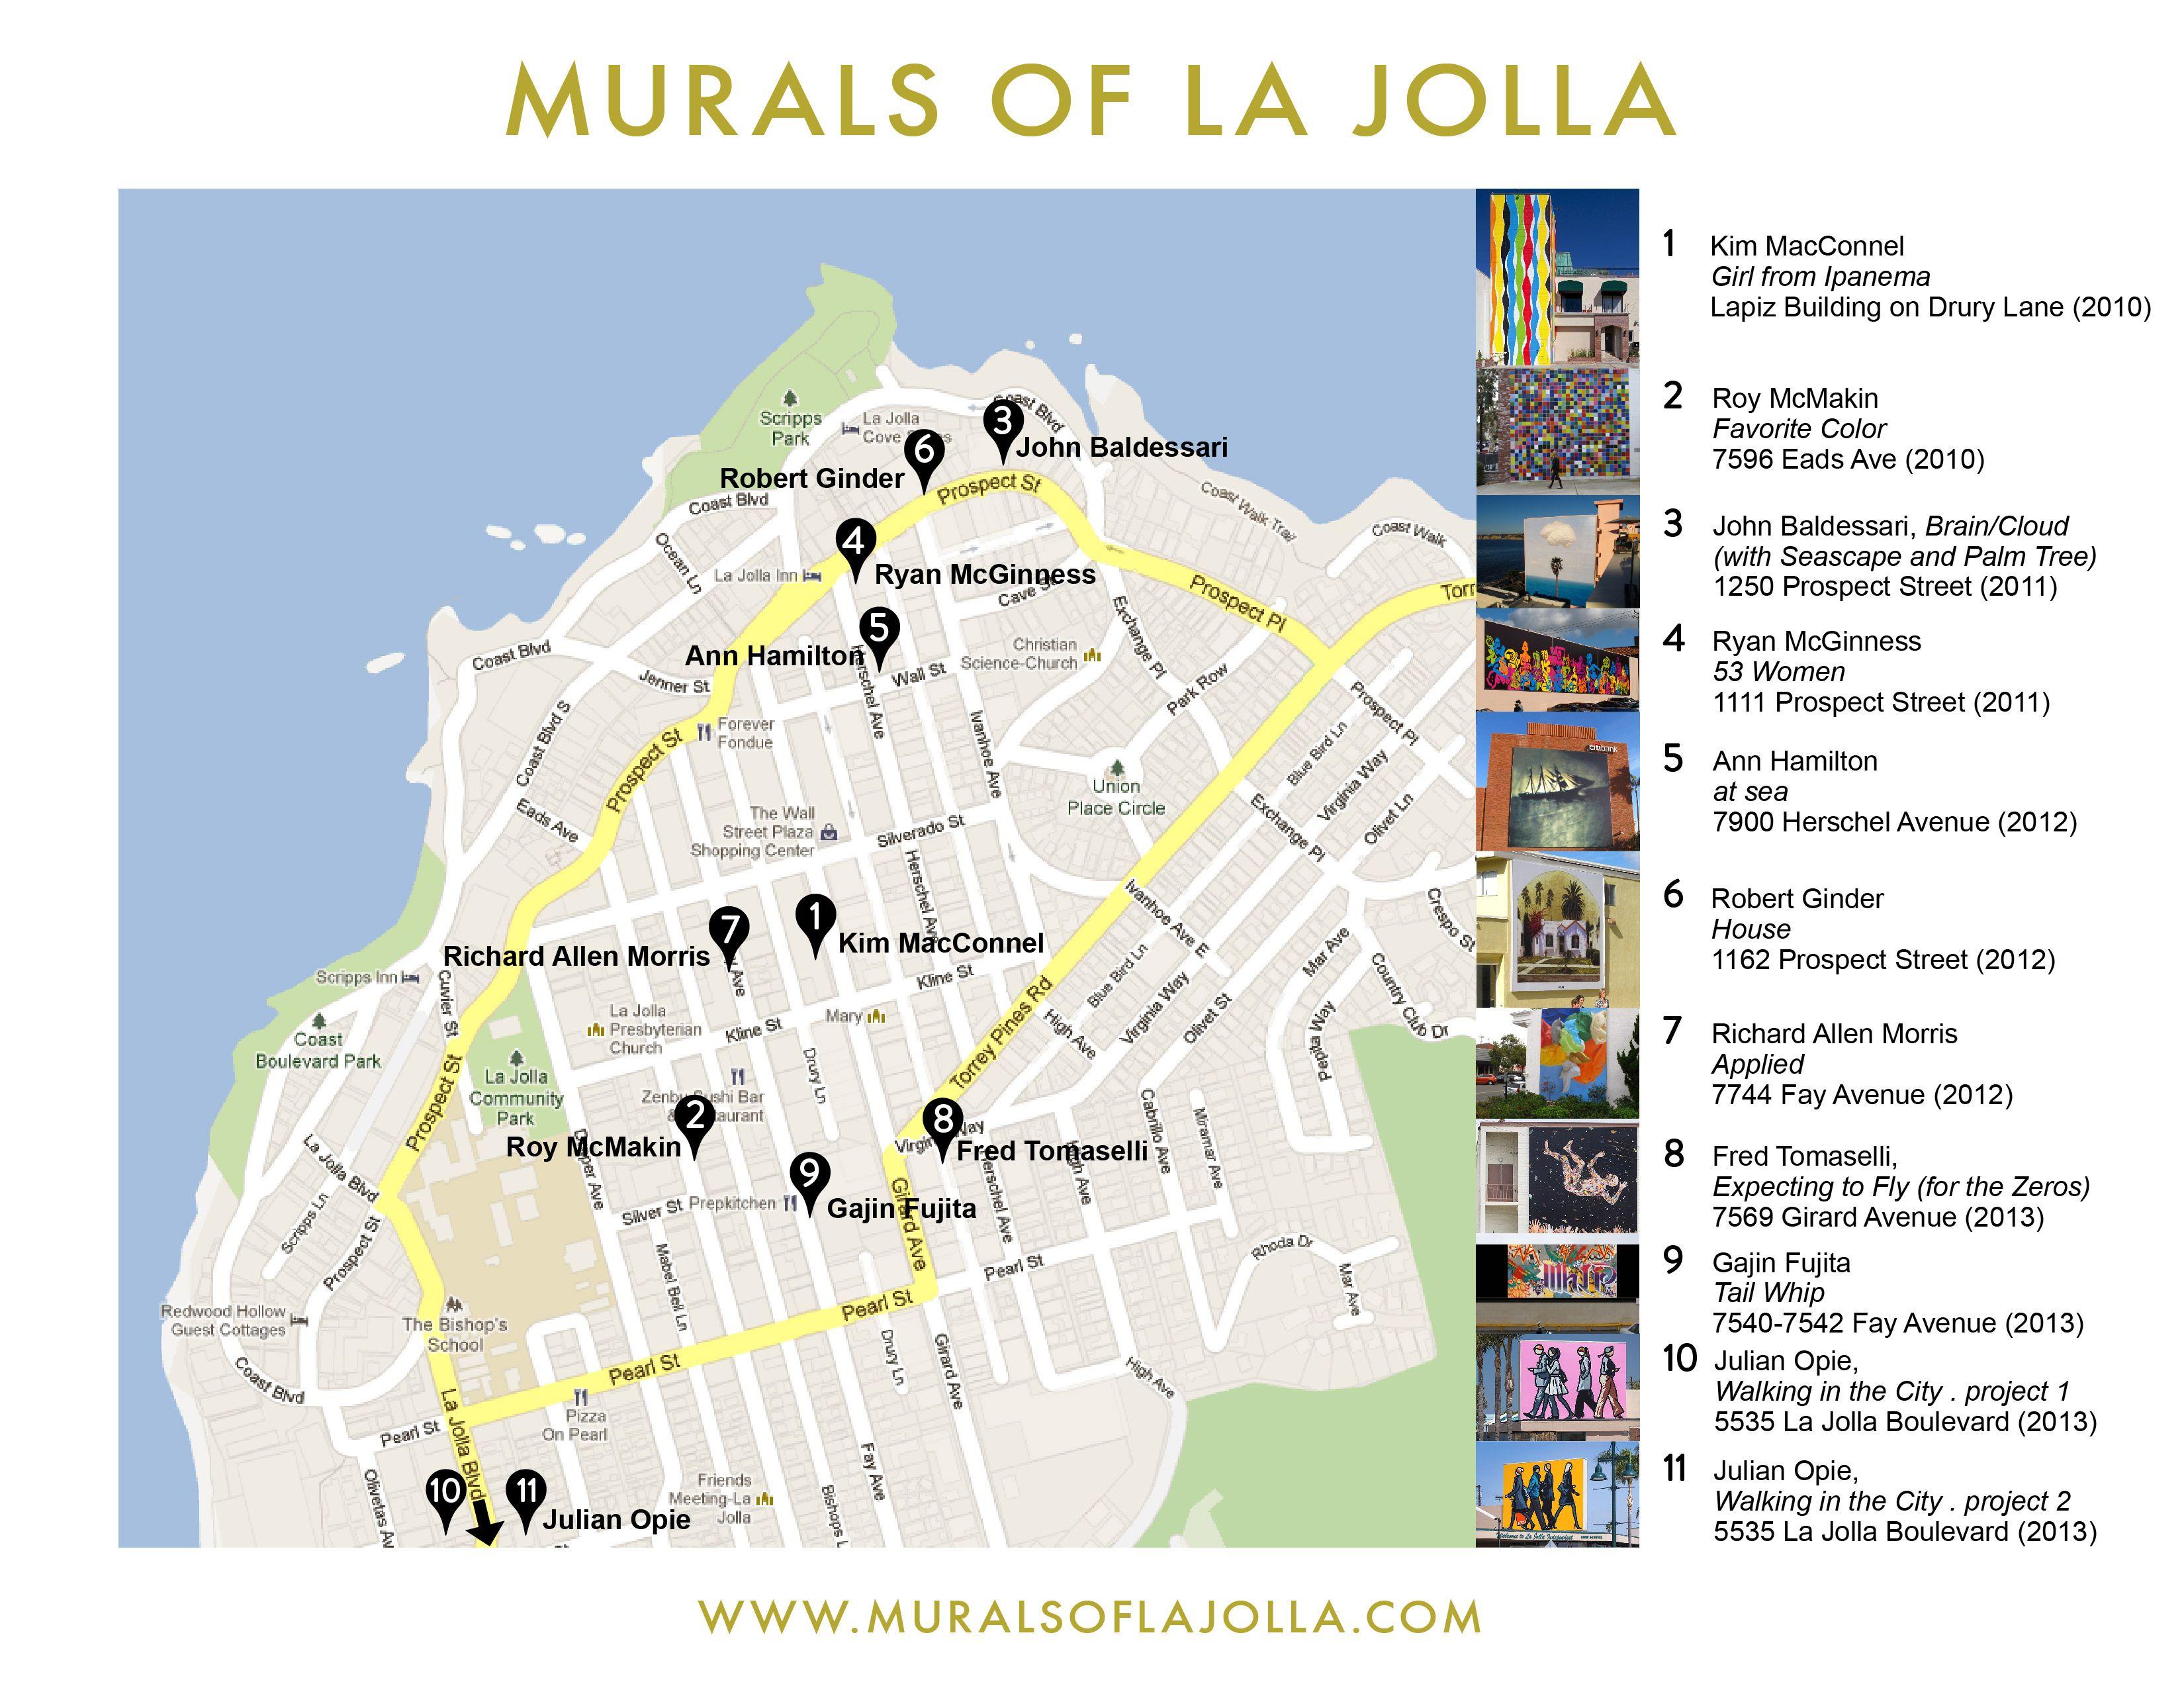 Where To Find All The La Jolla Murals Map La Jolla La Jolla